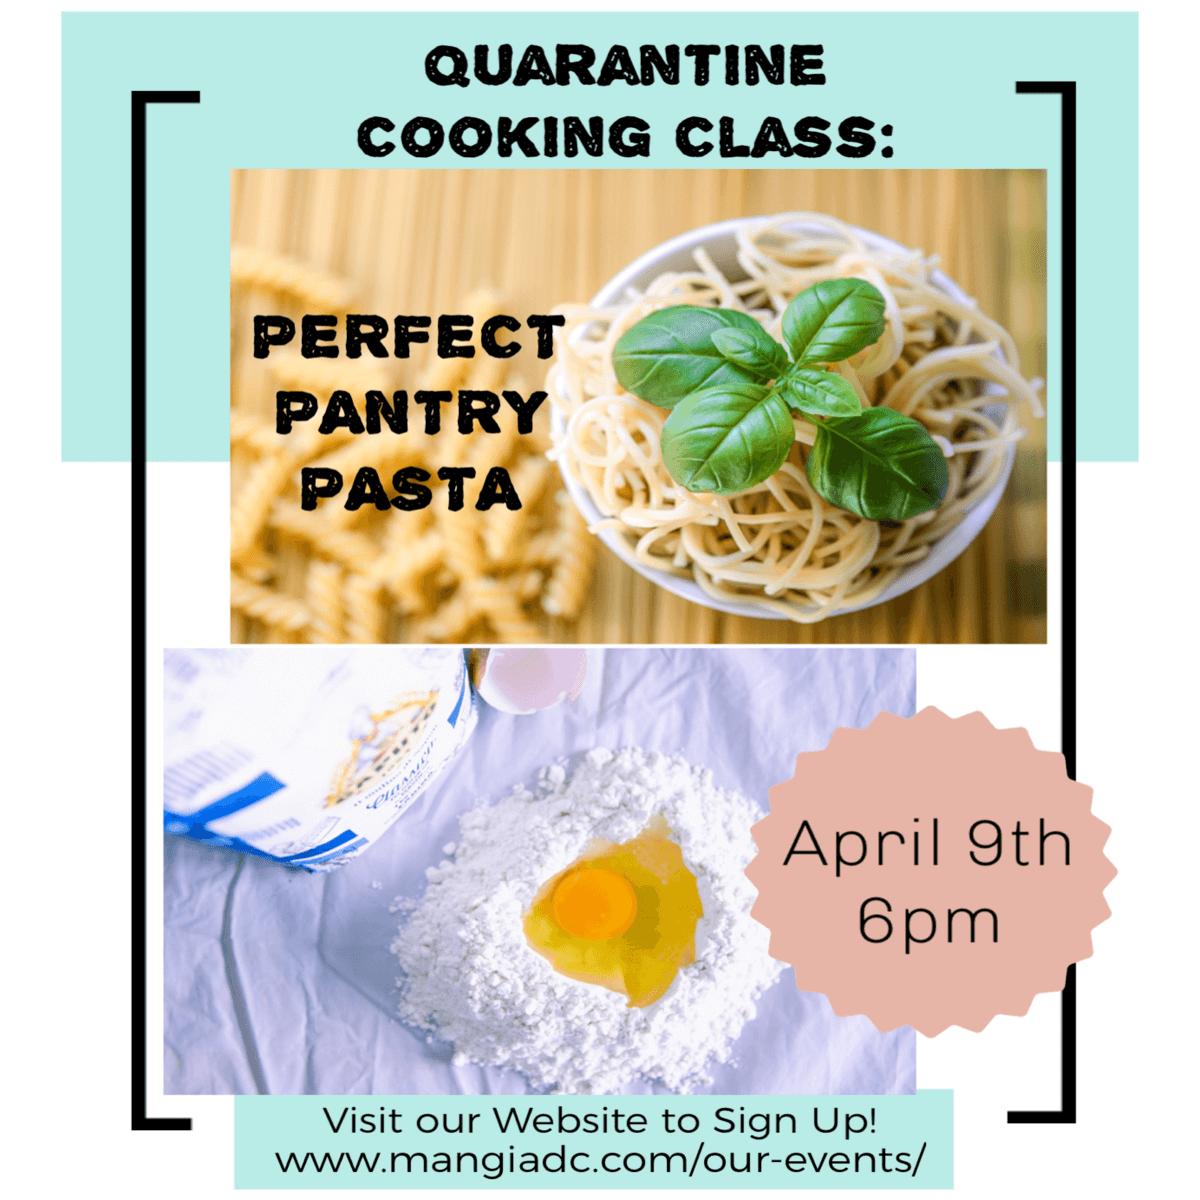 Mangia DC Quarantine Cooking Pasta